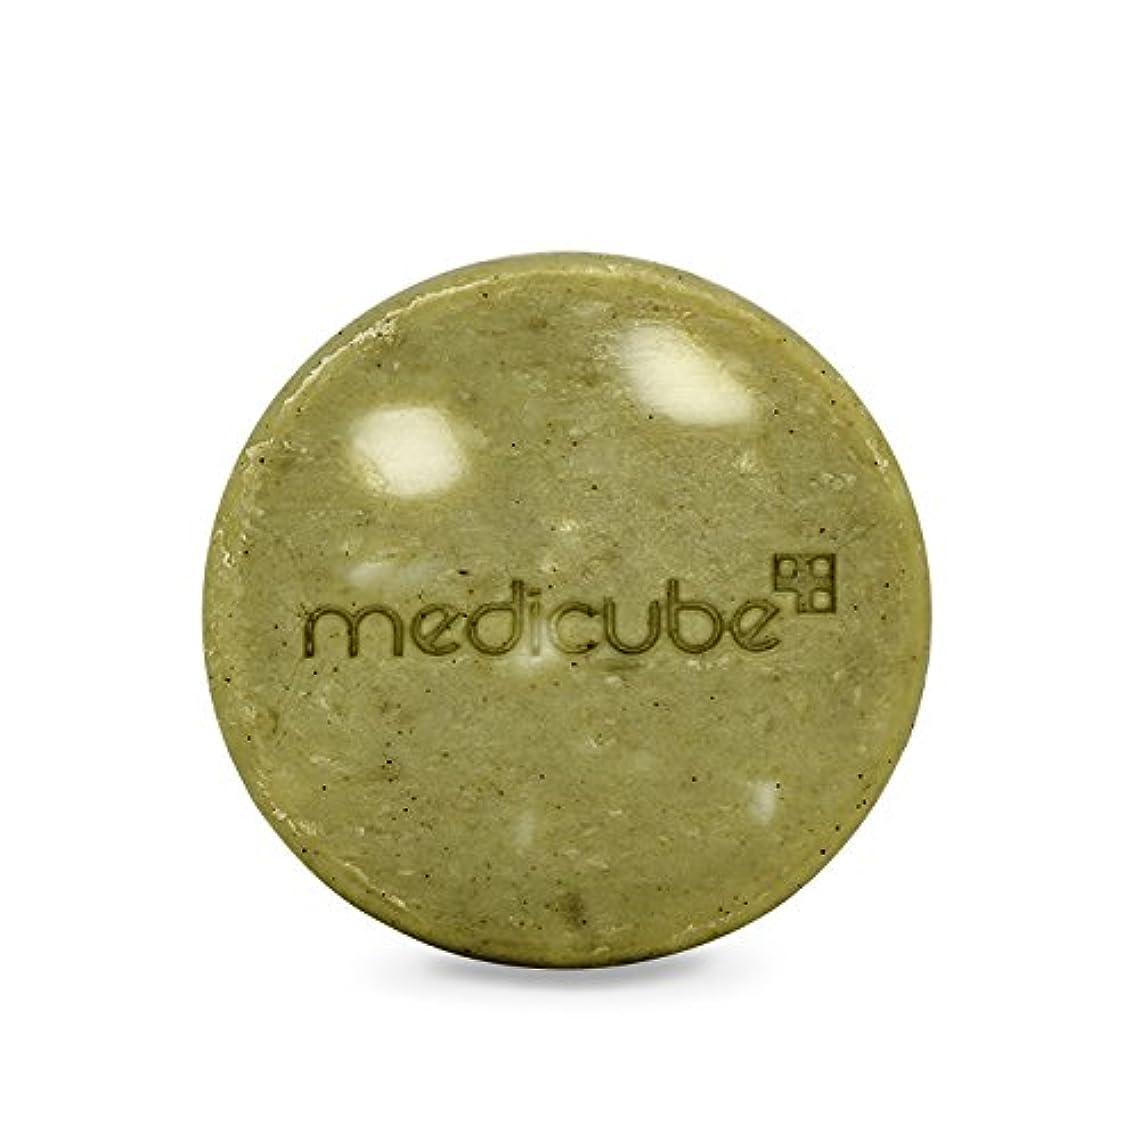 機転疎外するカフェテリア[Medicube]Red Body Bar / メディキューブレッドボディバー / 正品?海外直送商品 [並行輸入品]